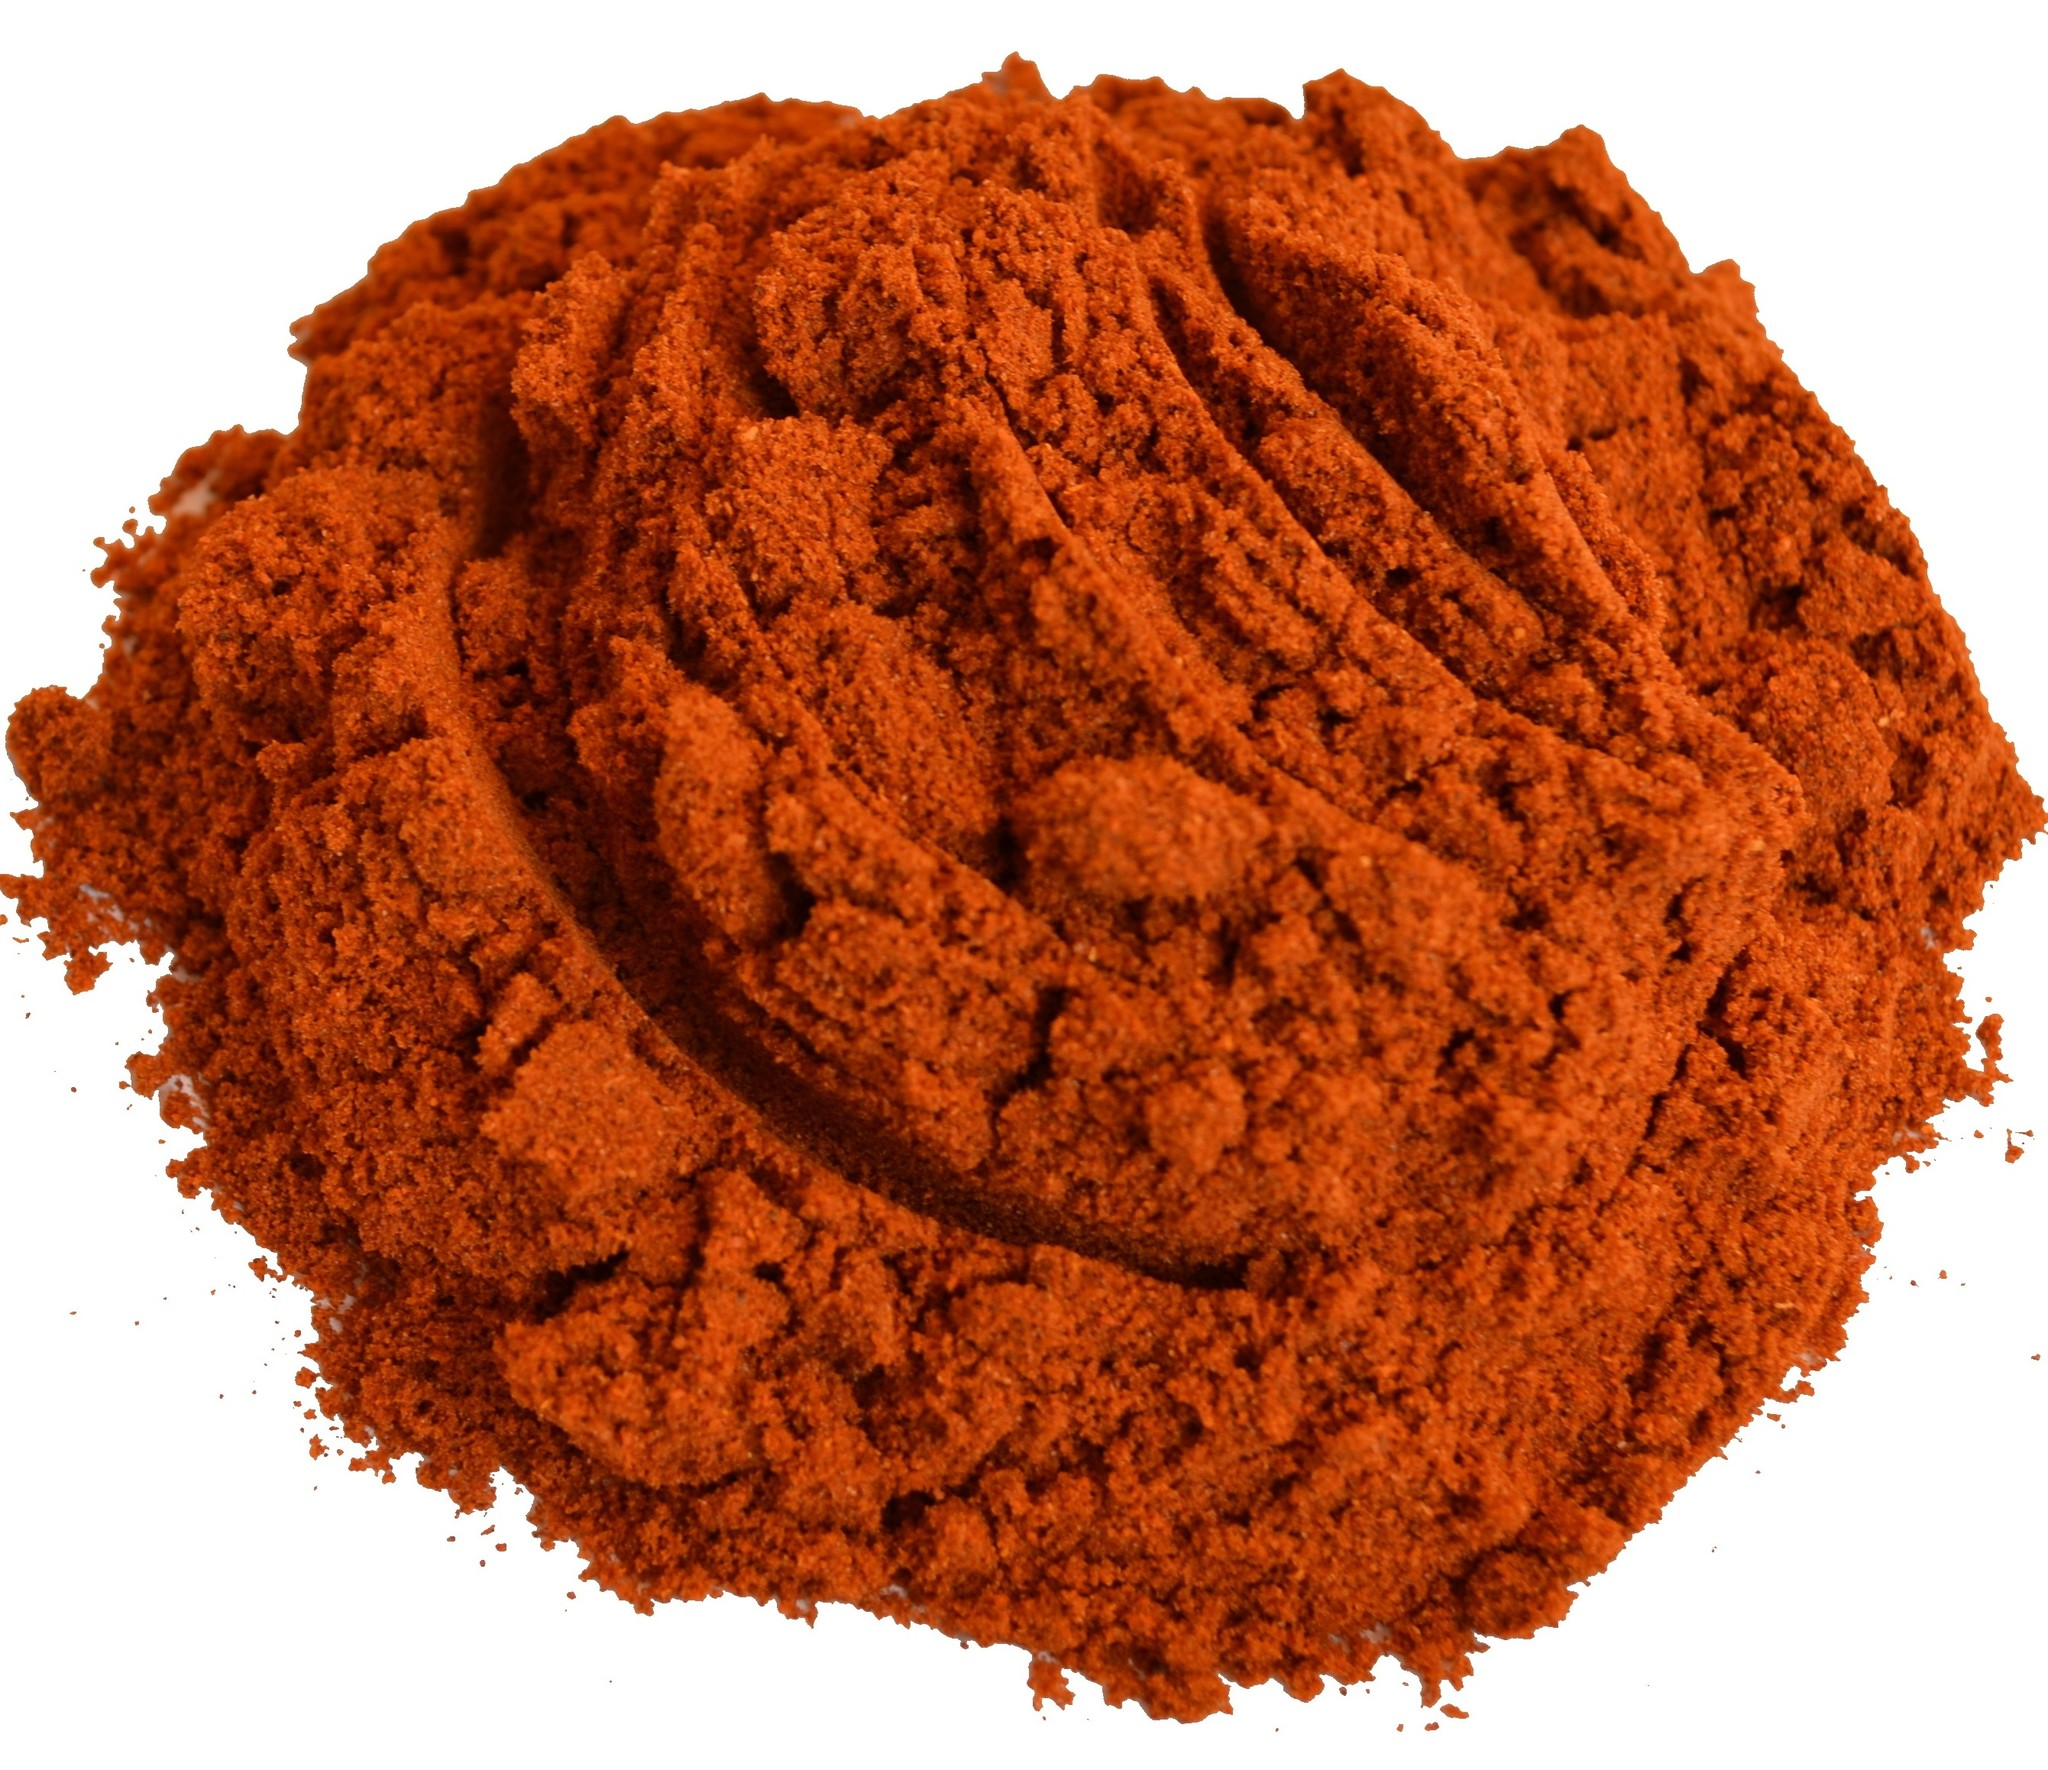 Berbere kruidenmix z/z vernieuwd recept